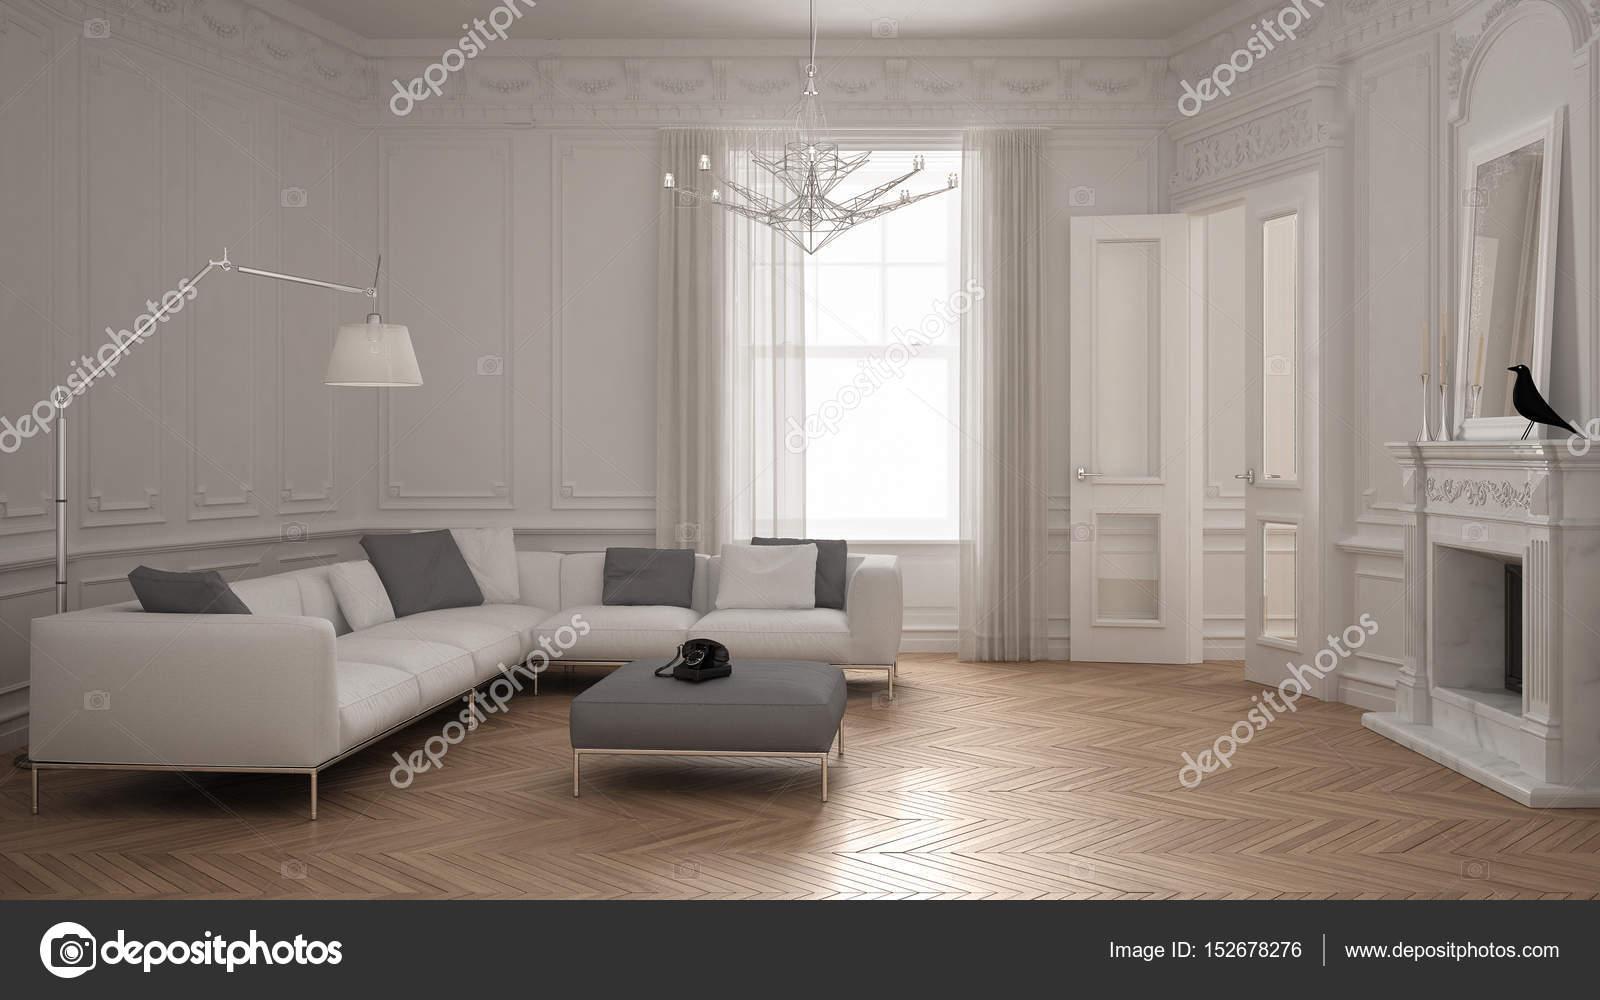 Divano moderno minimalista in salotto classico vintage con firep